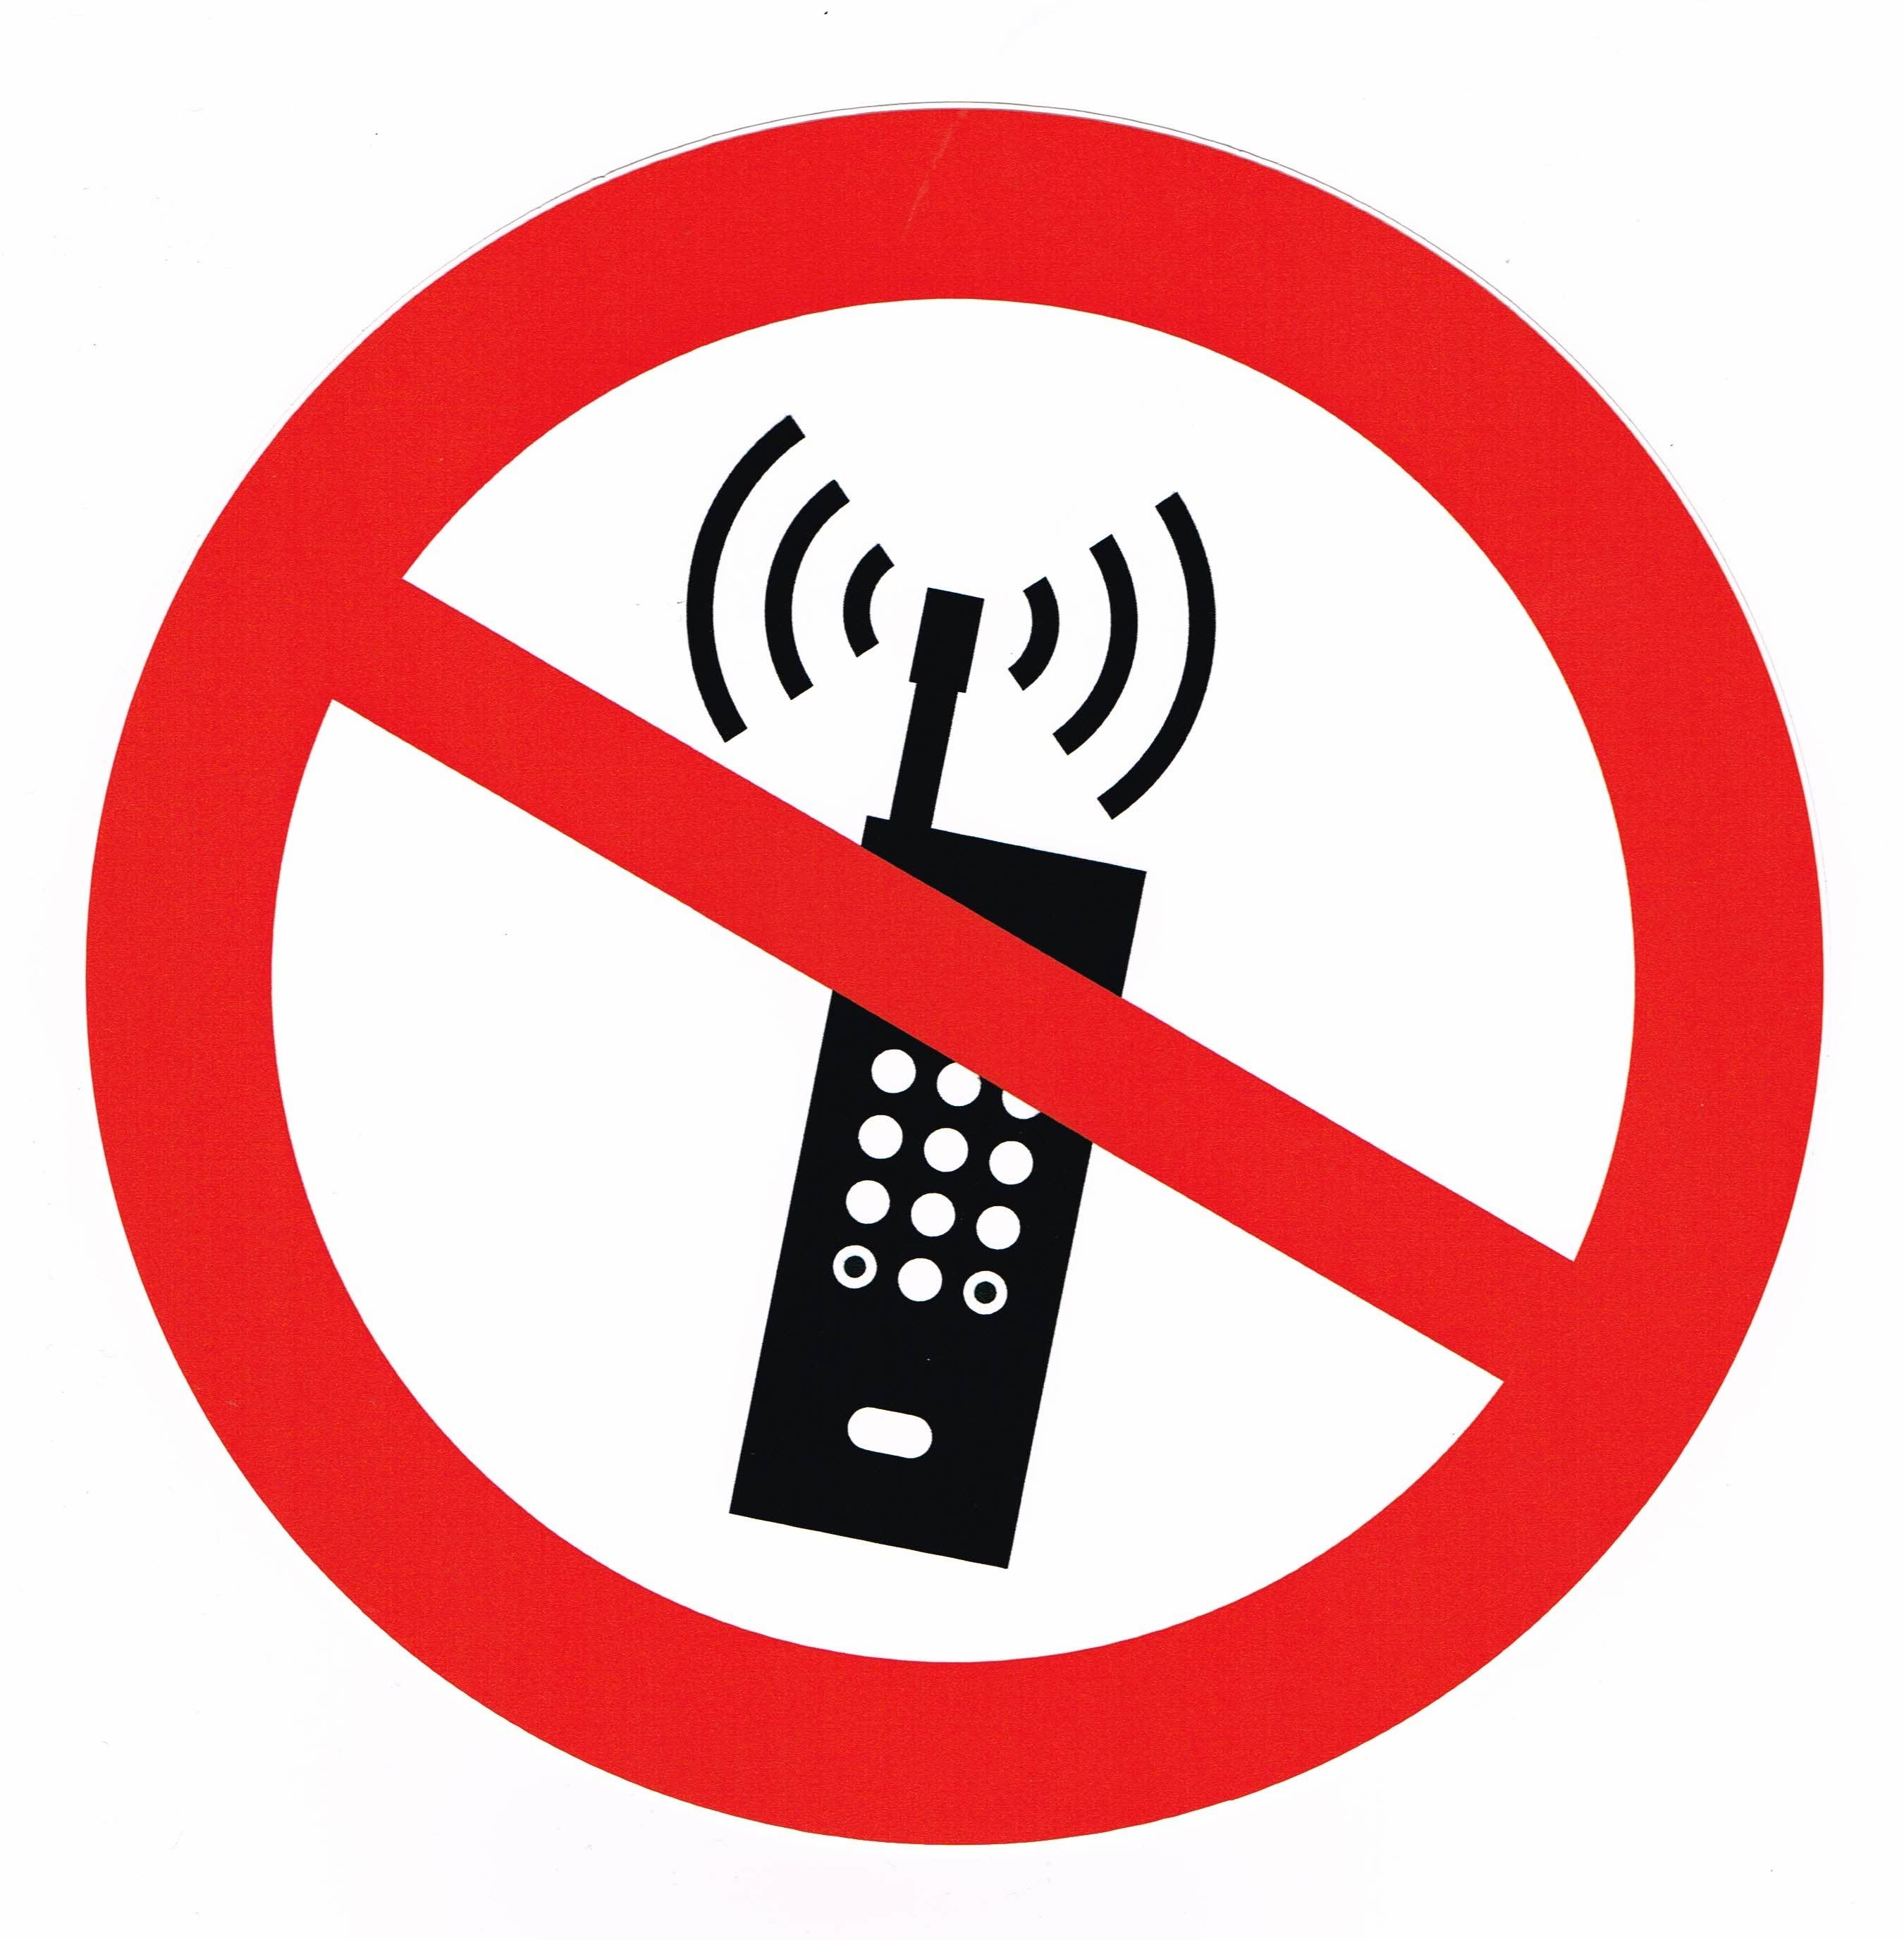 Mobil telefon förbjuden20190202